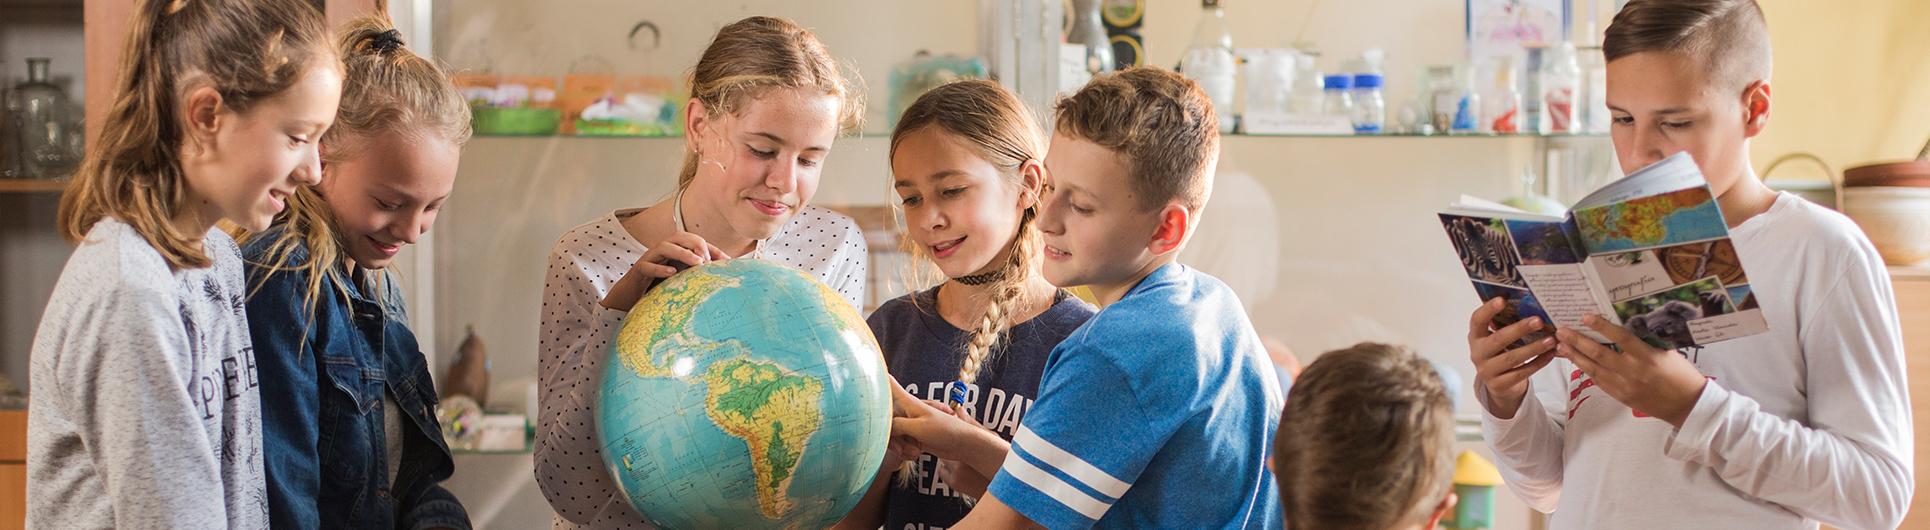 dzieci w klasie oglądają globus